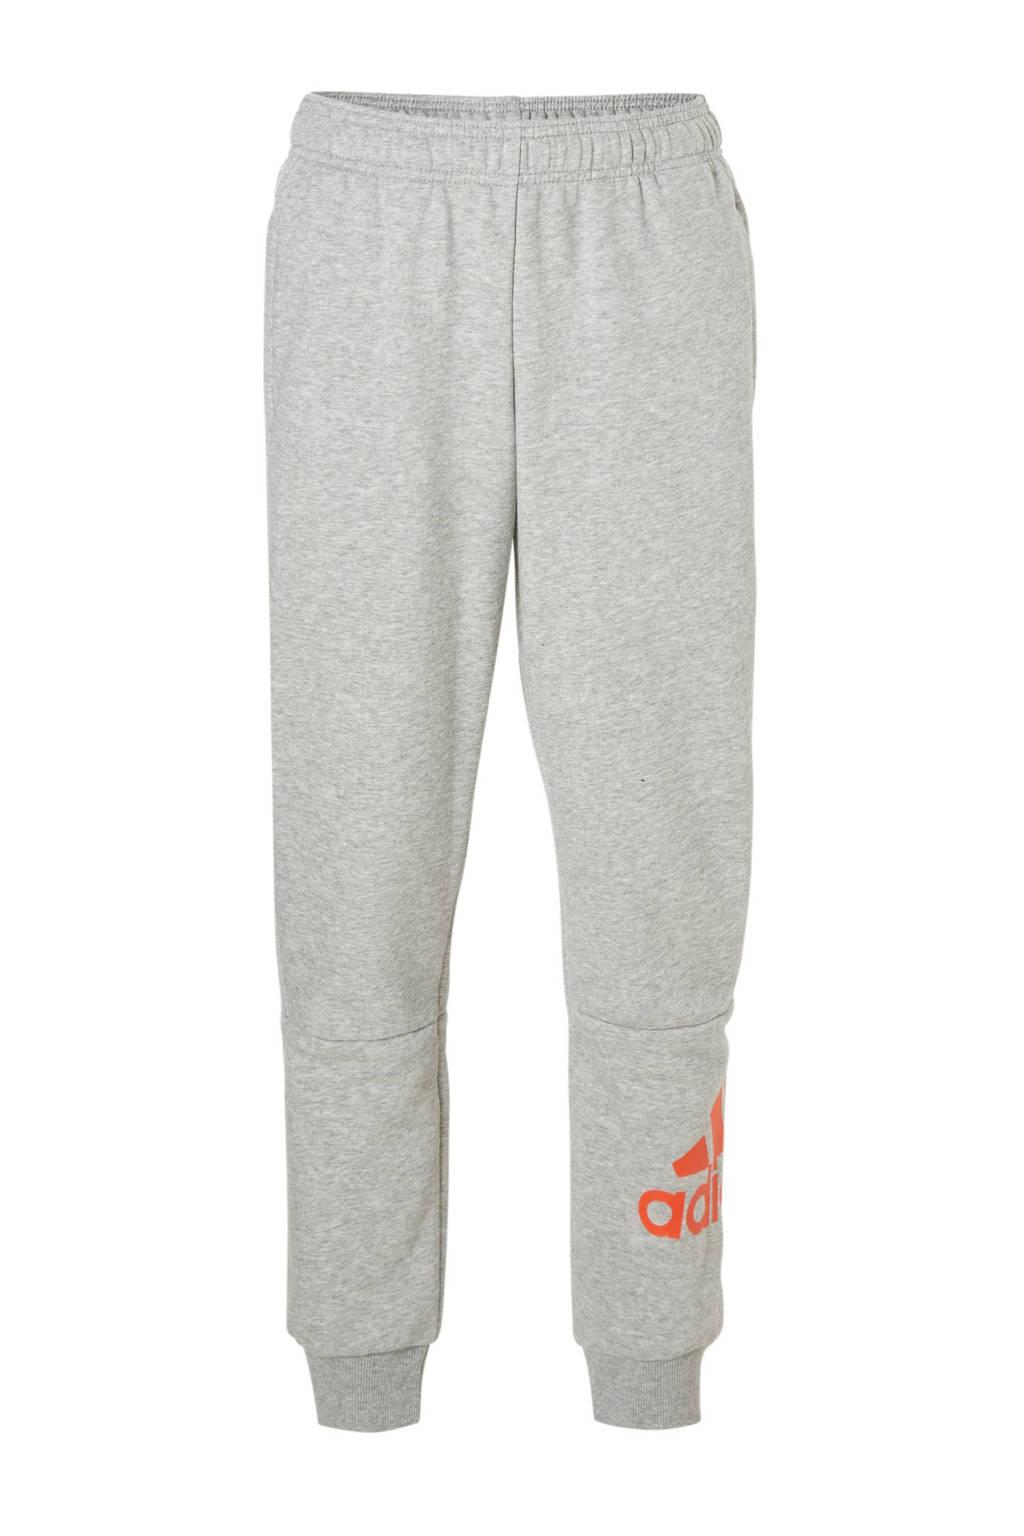 adidas performance   joggingbroek grijs, Grijs melange/rood